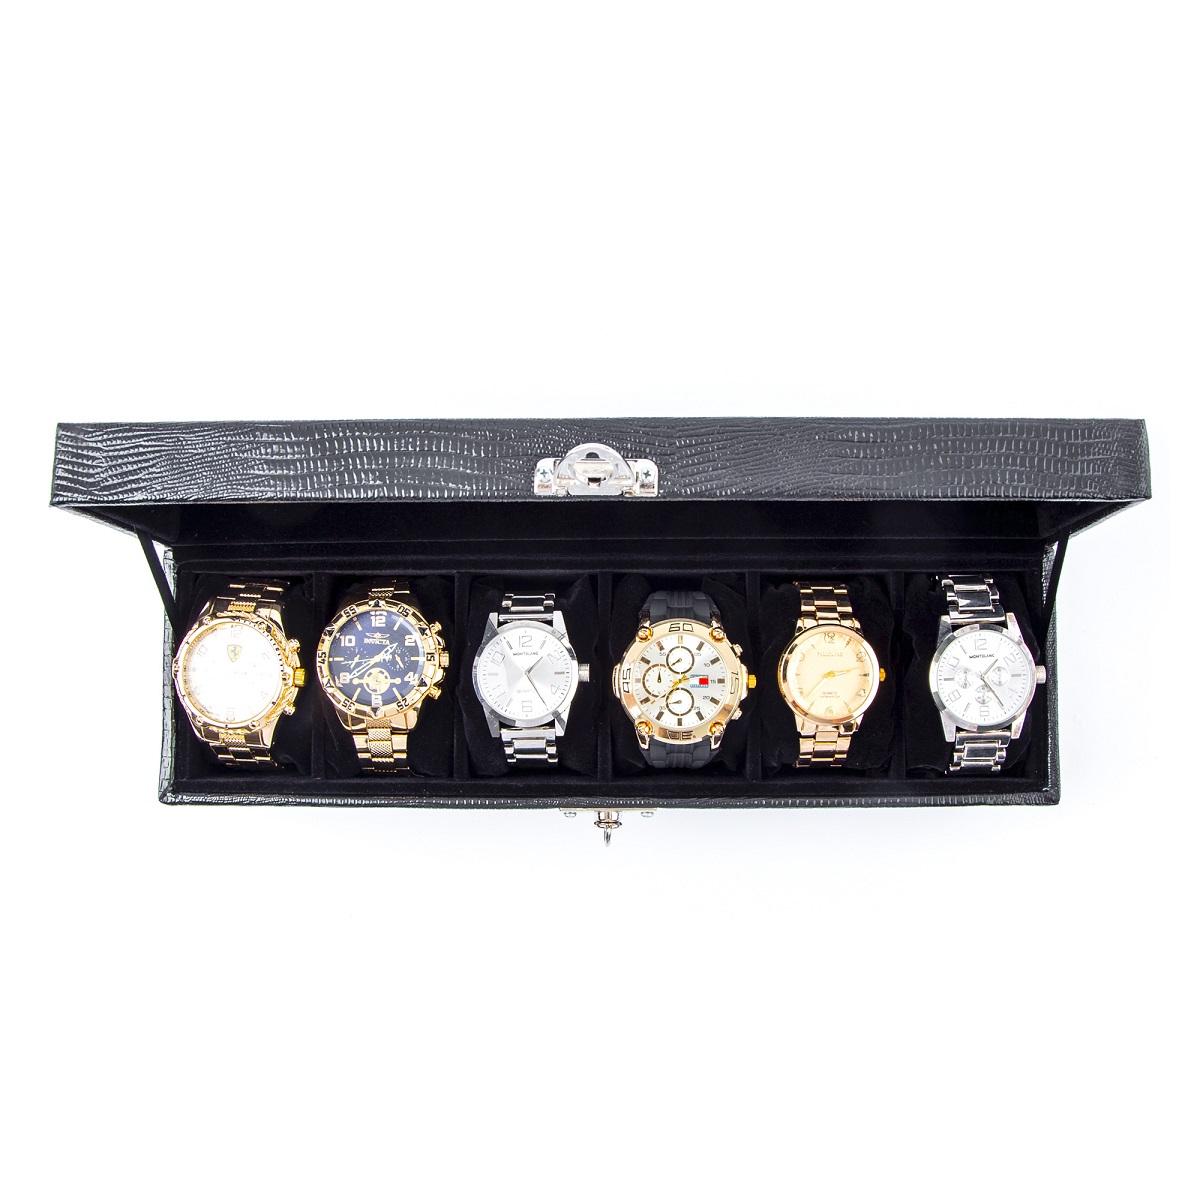 estojo-porta-relogio-6-nichos-couro-ecologico-preto-preto-imagem-6.jpg